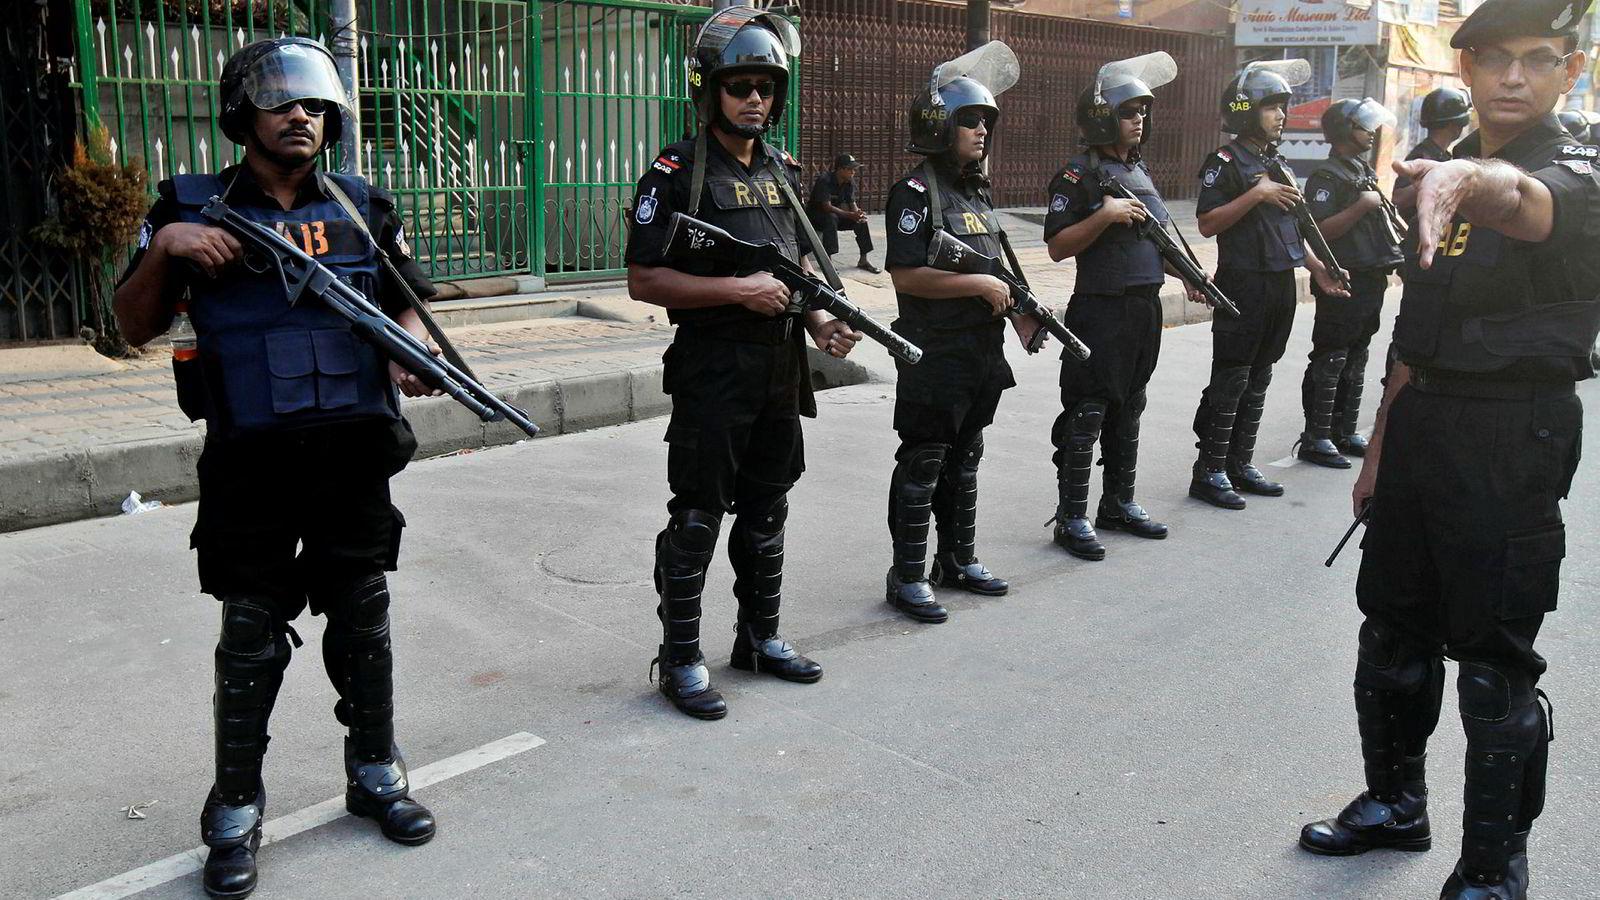 Den omstridte elitesoldatstyrken Rapid Action Battalion beskyldes av menneskerettighetsorganisasjoner for å drive med tortur, kidnapping og annen voldsutøvelse mot religiøse og politiske motstandere av myndighetene.